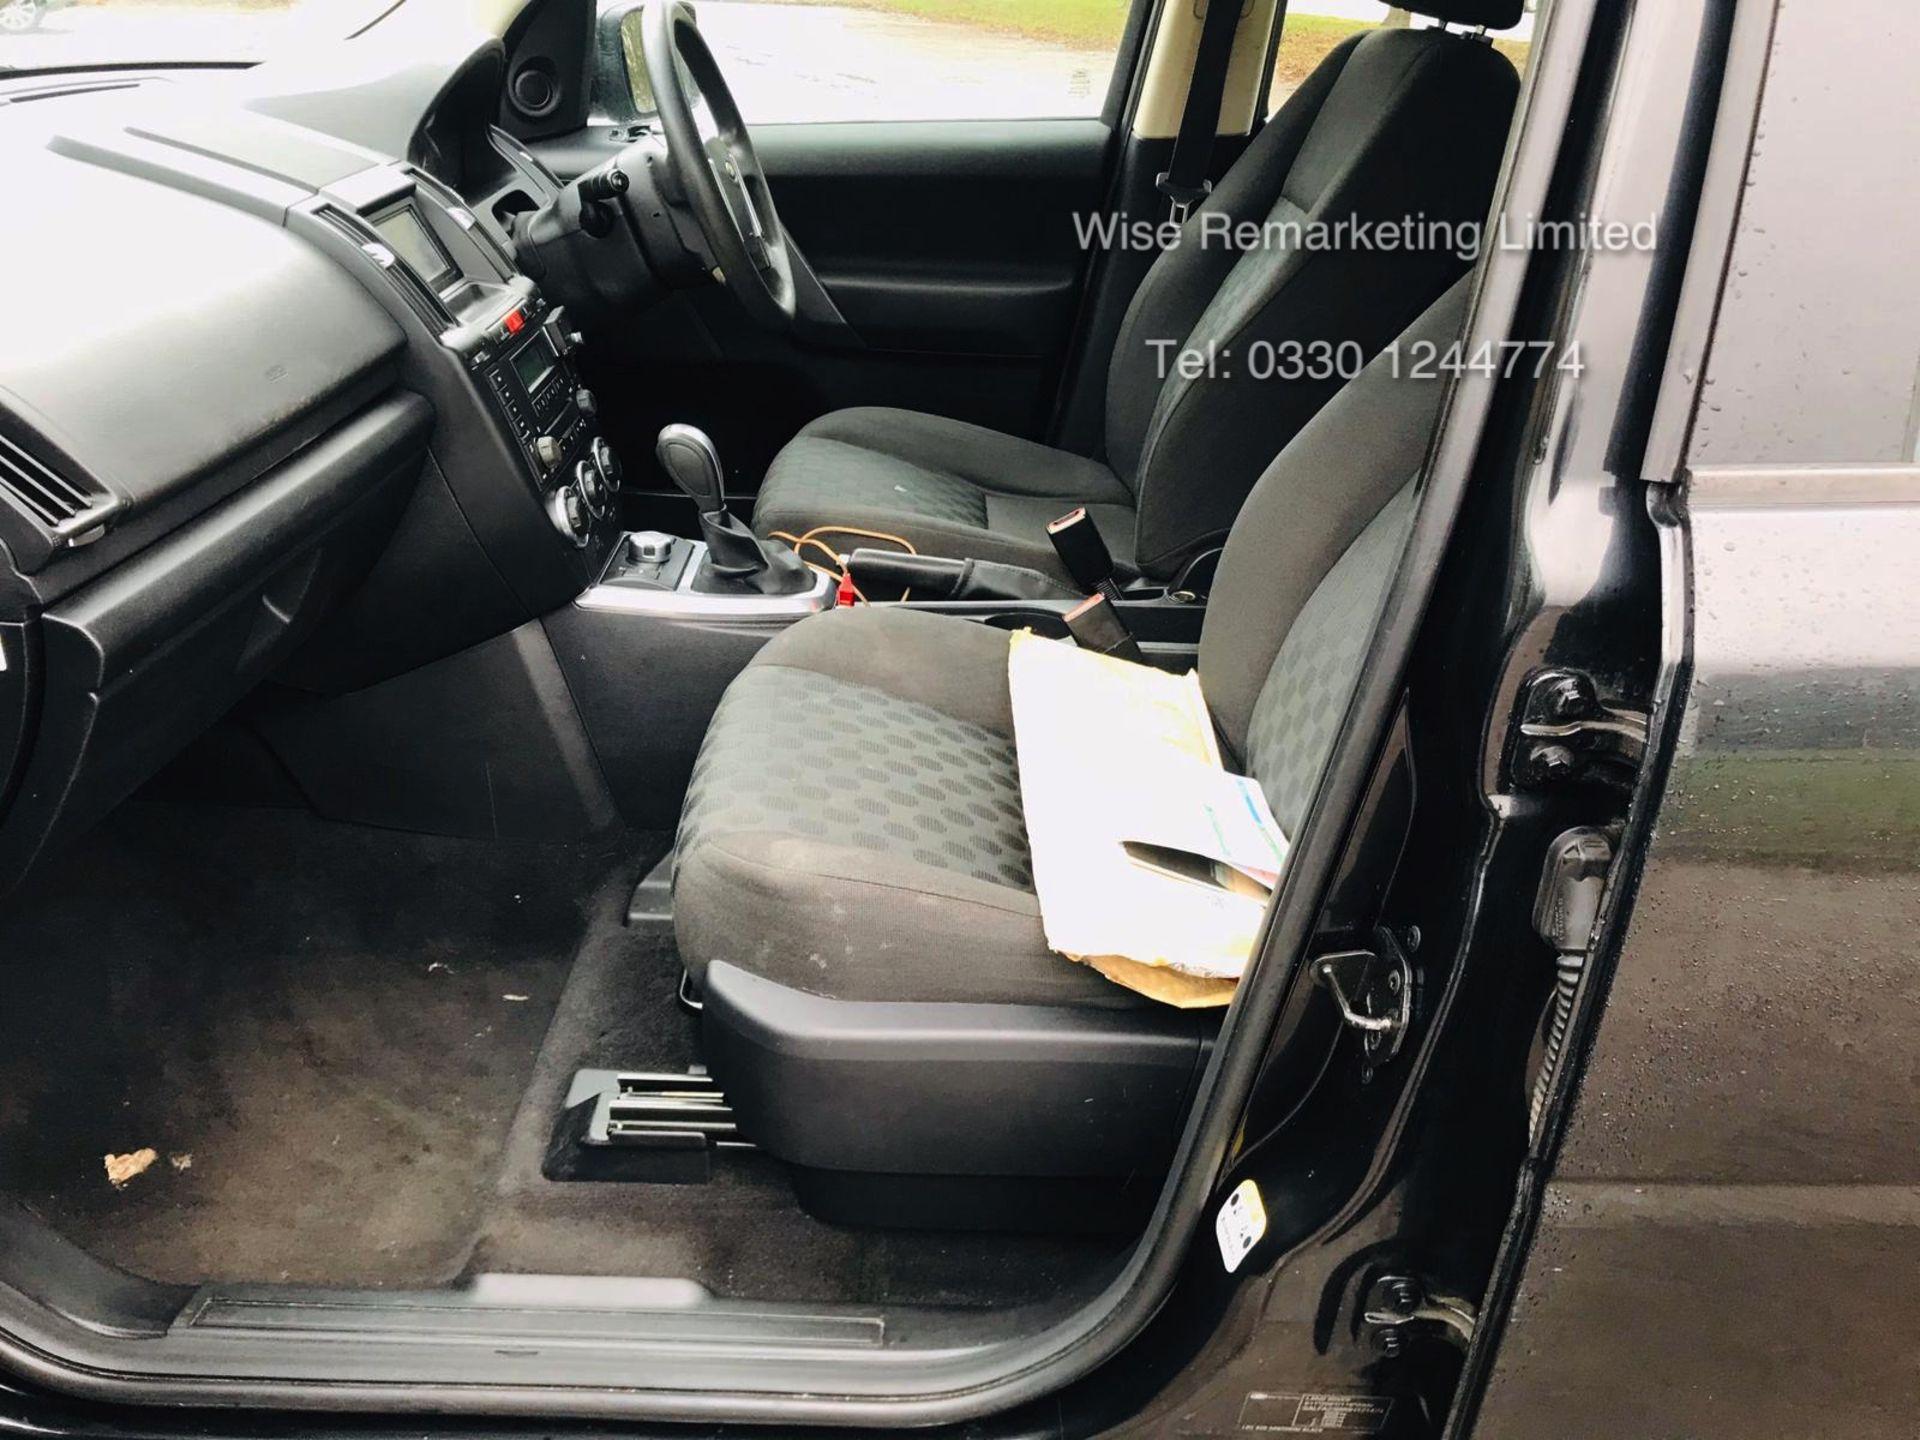 Lot 32 - Land Rover Freelander GS 2.2 TD4 Auto - 2009 09 Reg - Service History - Sat Nav